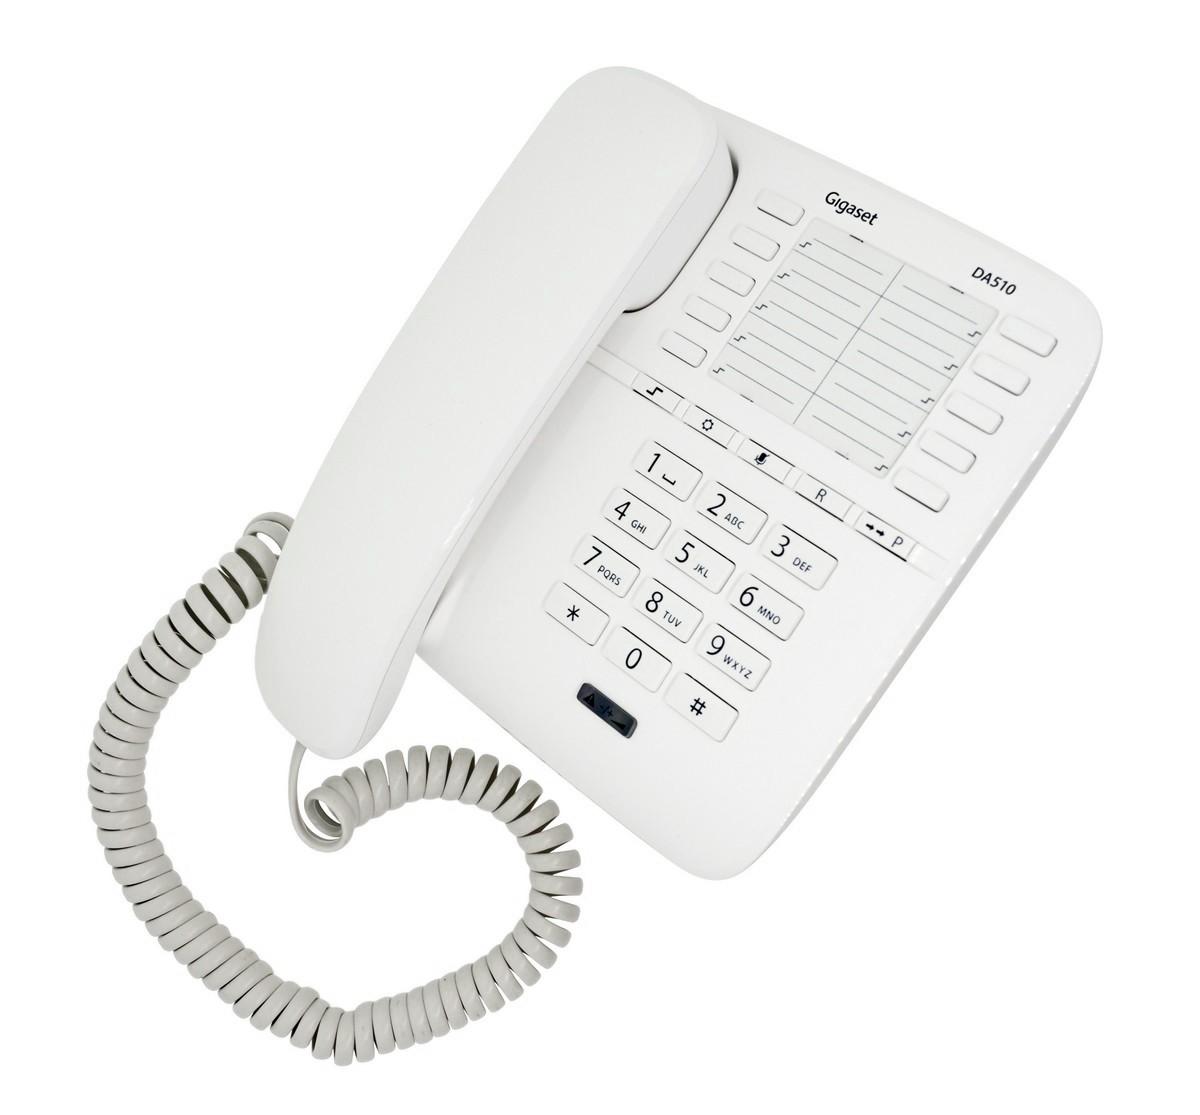 Σταθερό Ψηφιακό Τηλέφωνο Gigaset DA510 Λευκό Με Κλείδωμα Συσκευής